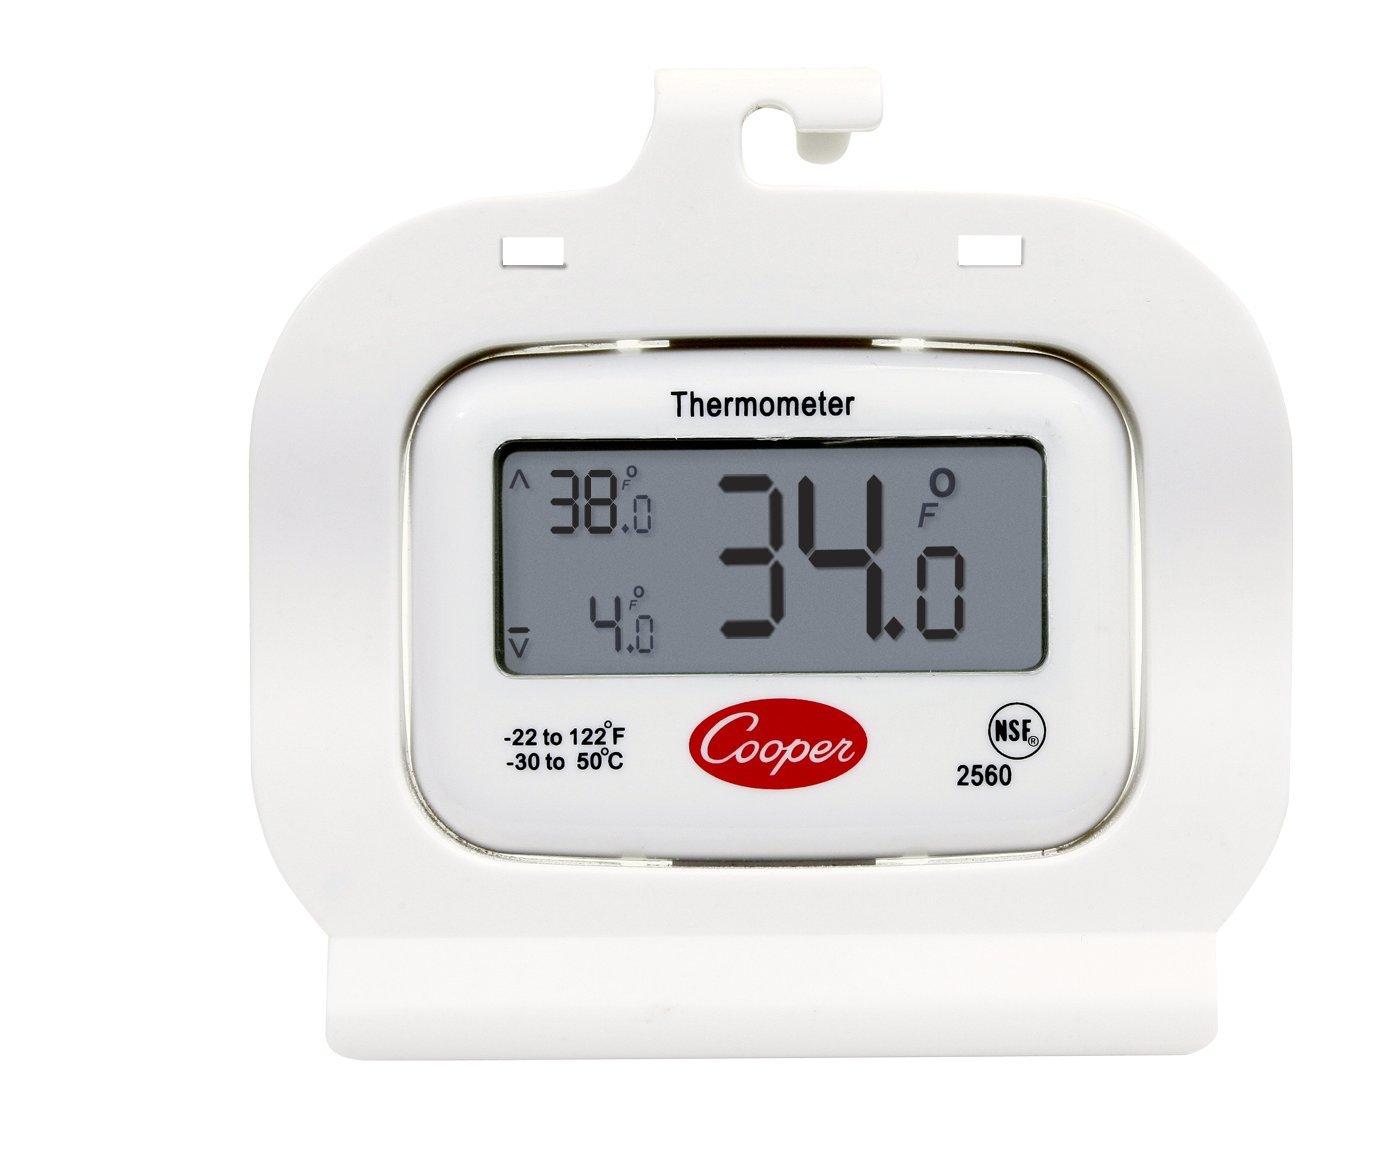 Cooper-Atkins 2560 Digital Freezer Thermometer, Digital Refrigerator Thermometer (Cold Storage Thermometer, Digital Display, Temperature Memory)